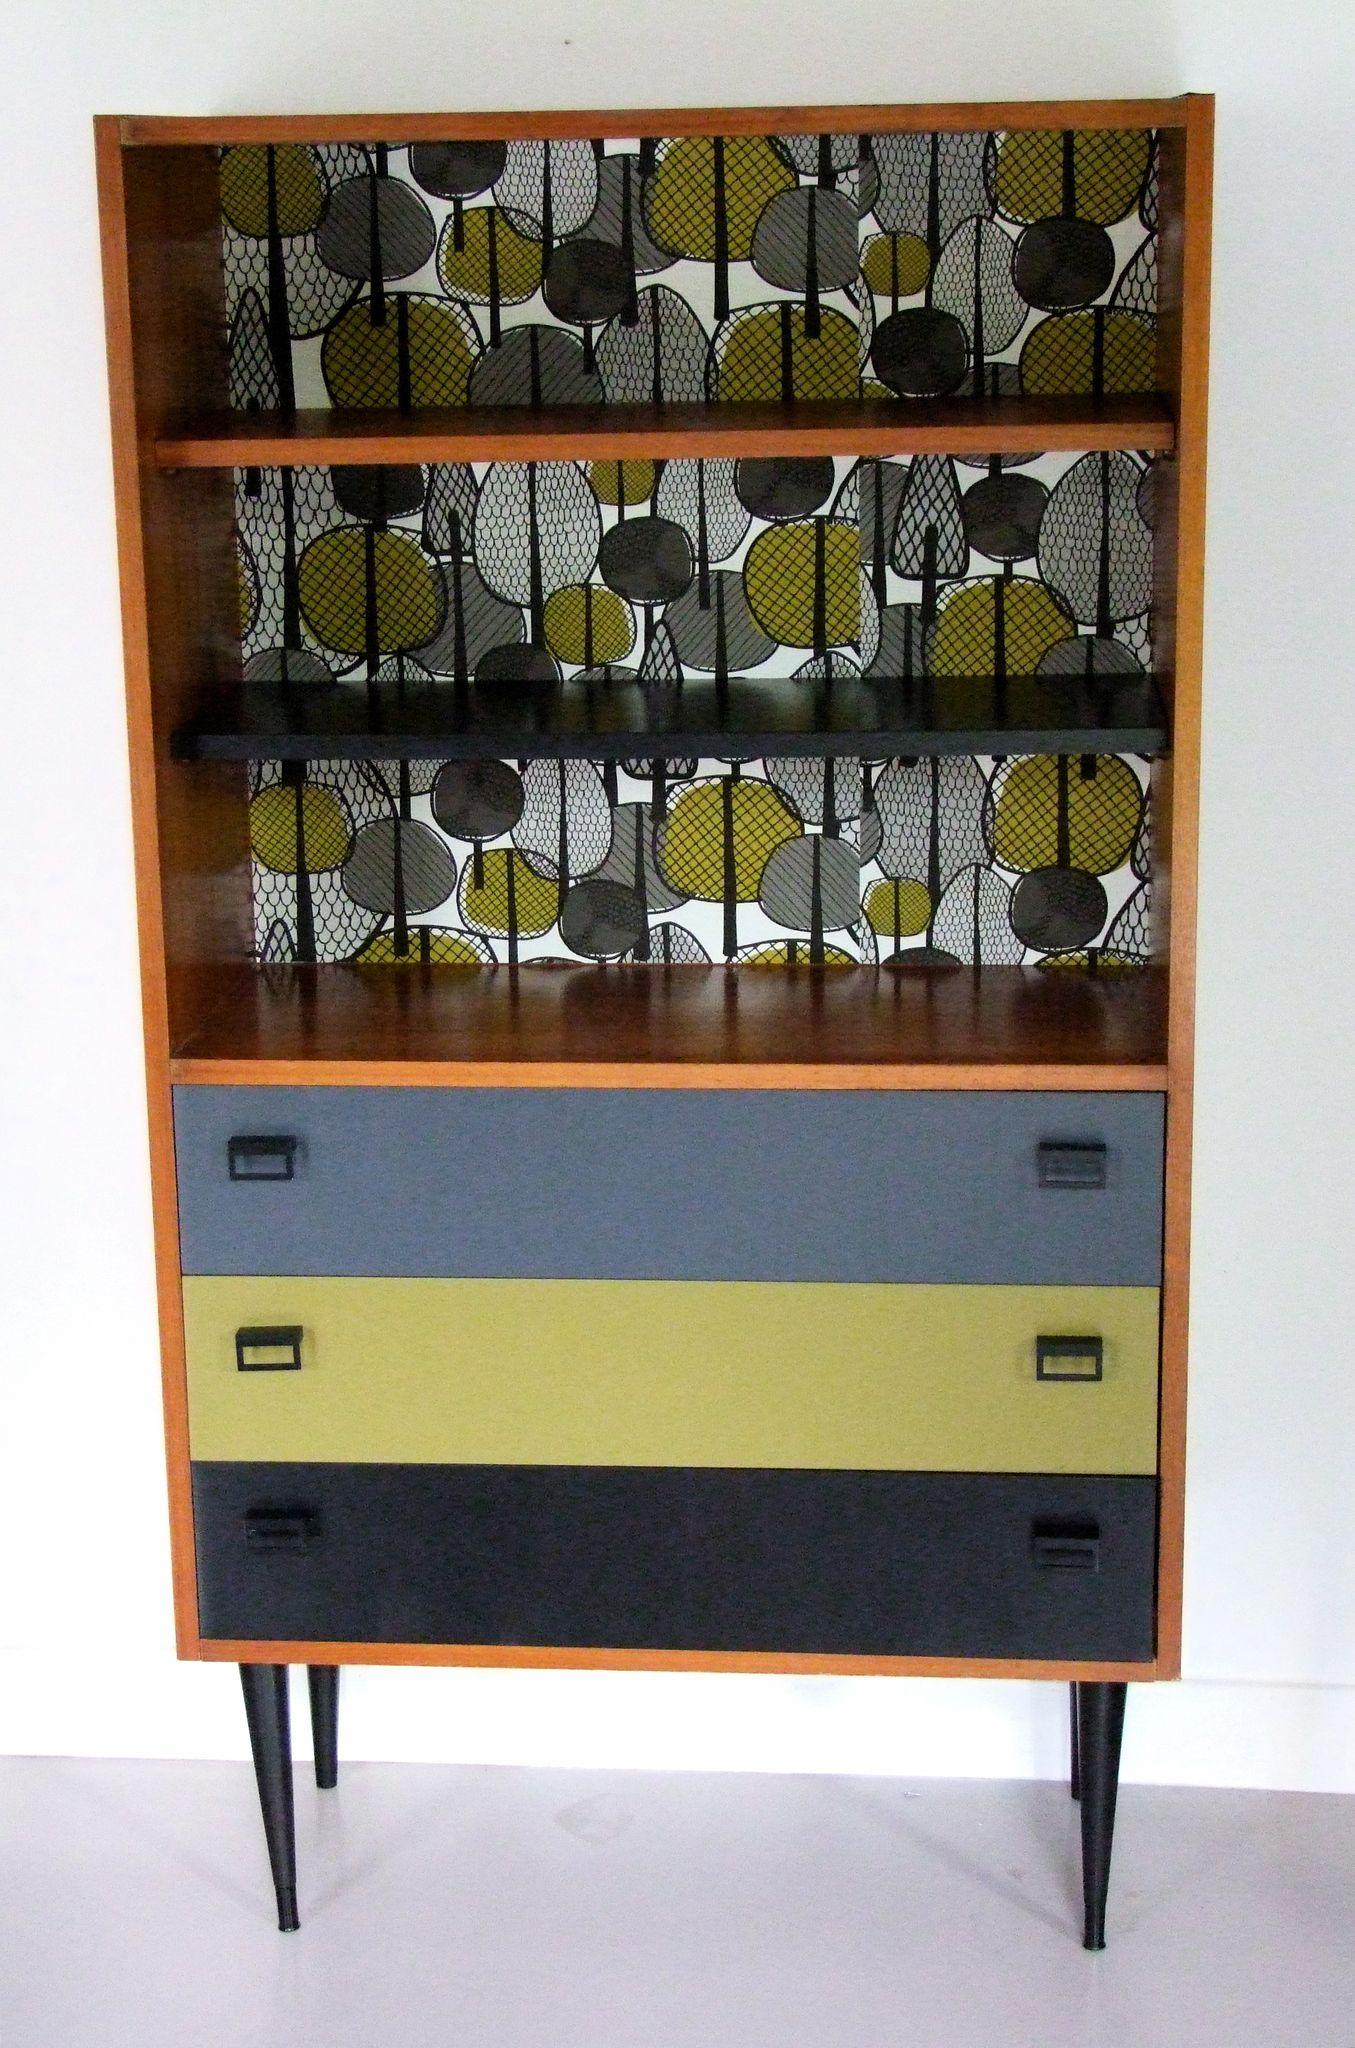 Bibliotheque commode annees 60 biou meubles vintage pataluna chin s d nich s et d lur s - Meubles chines ...